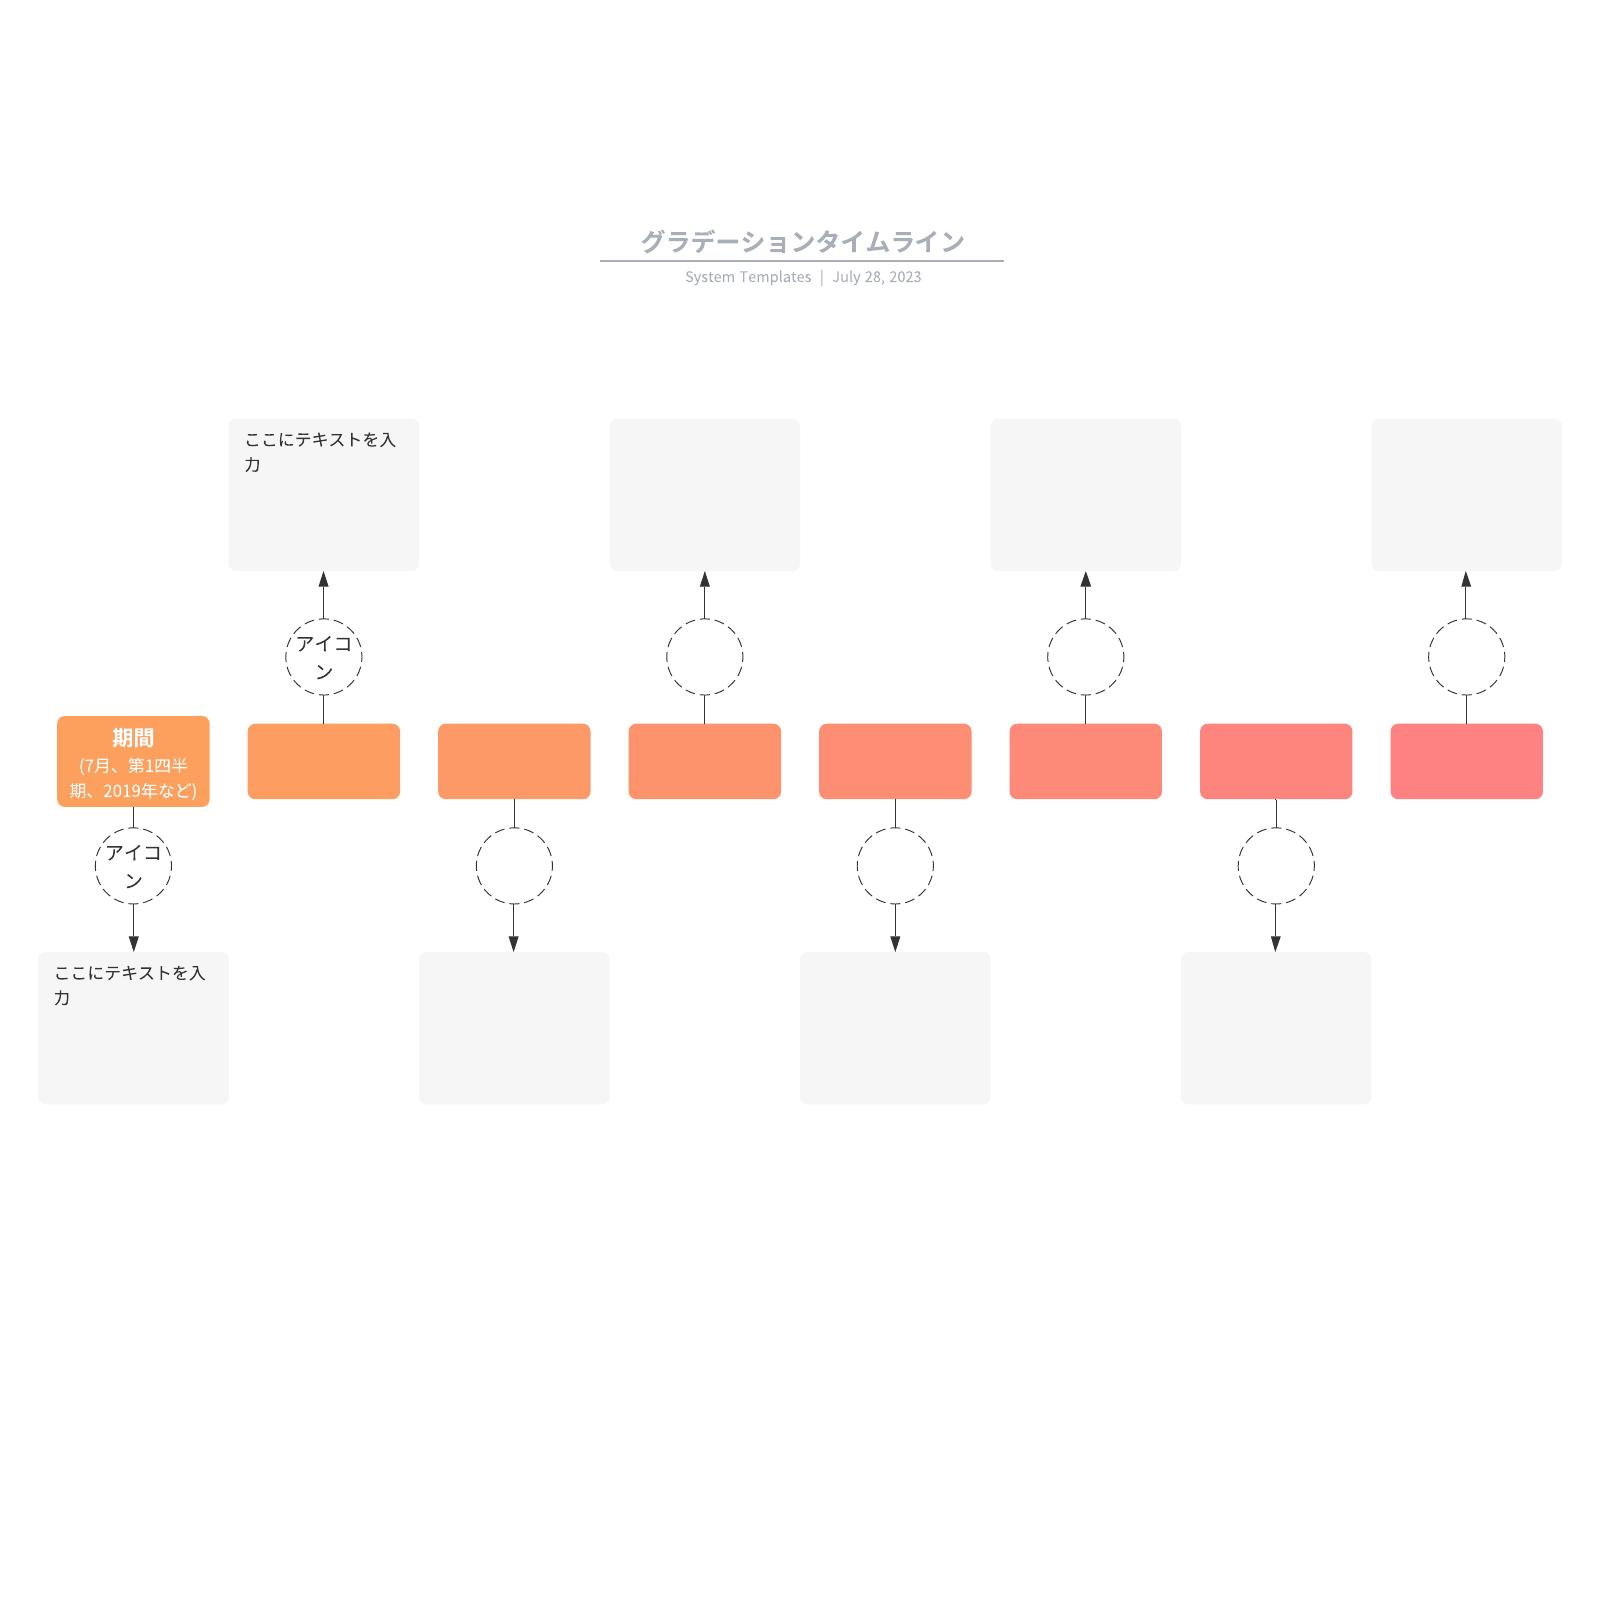 スケジュール管理に最適なテンプレート